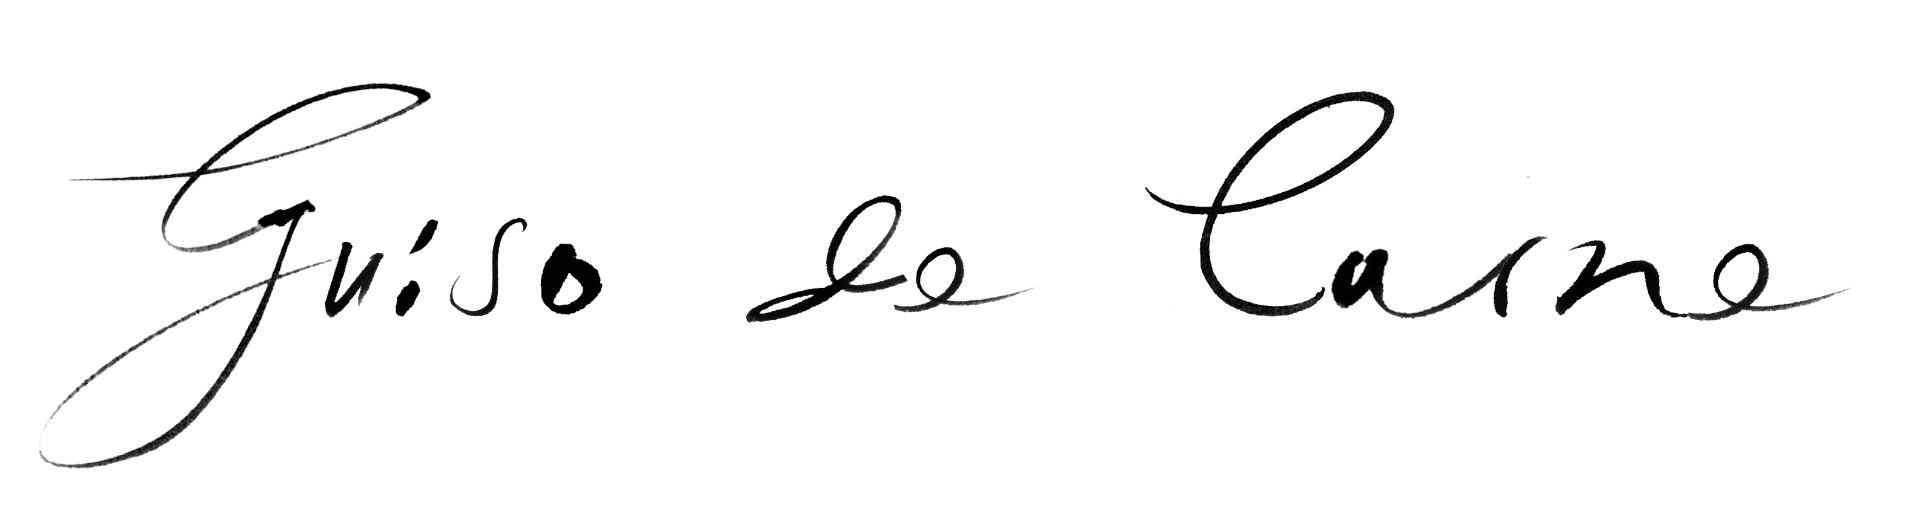 Guiso de Carne in Manolo's handwriting